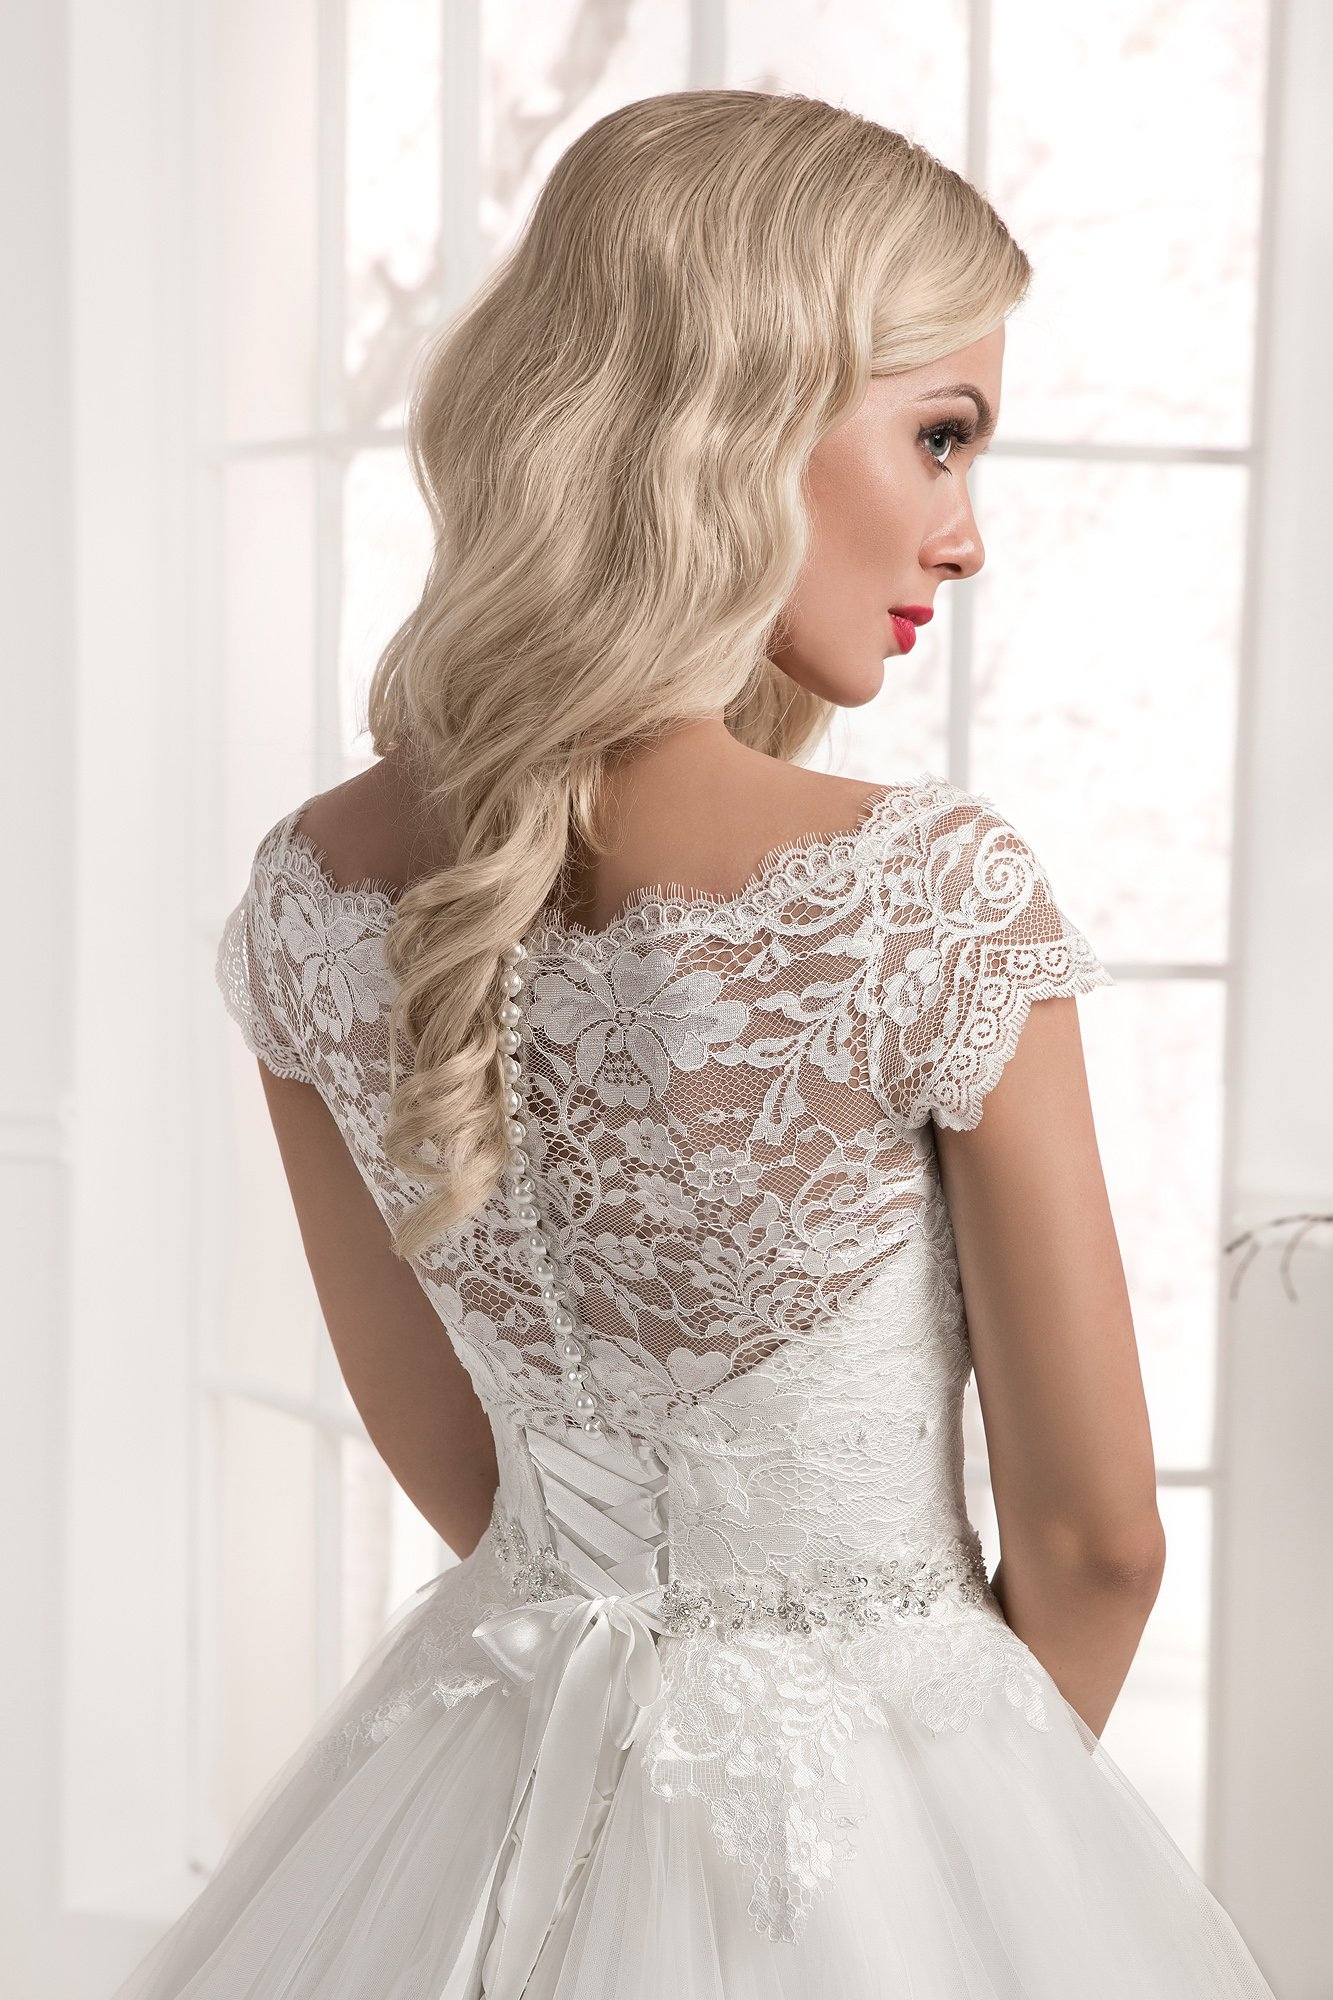 Свадебное платье с пышной юбкой из фатина и нежным кружевным верхом.